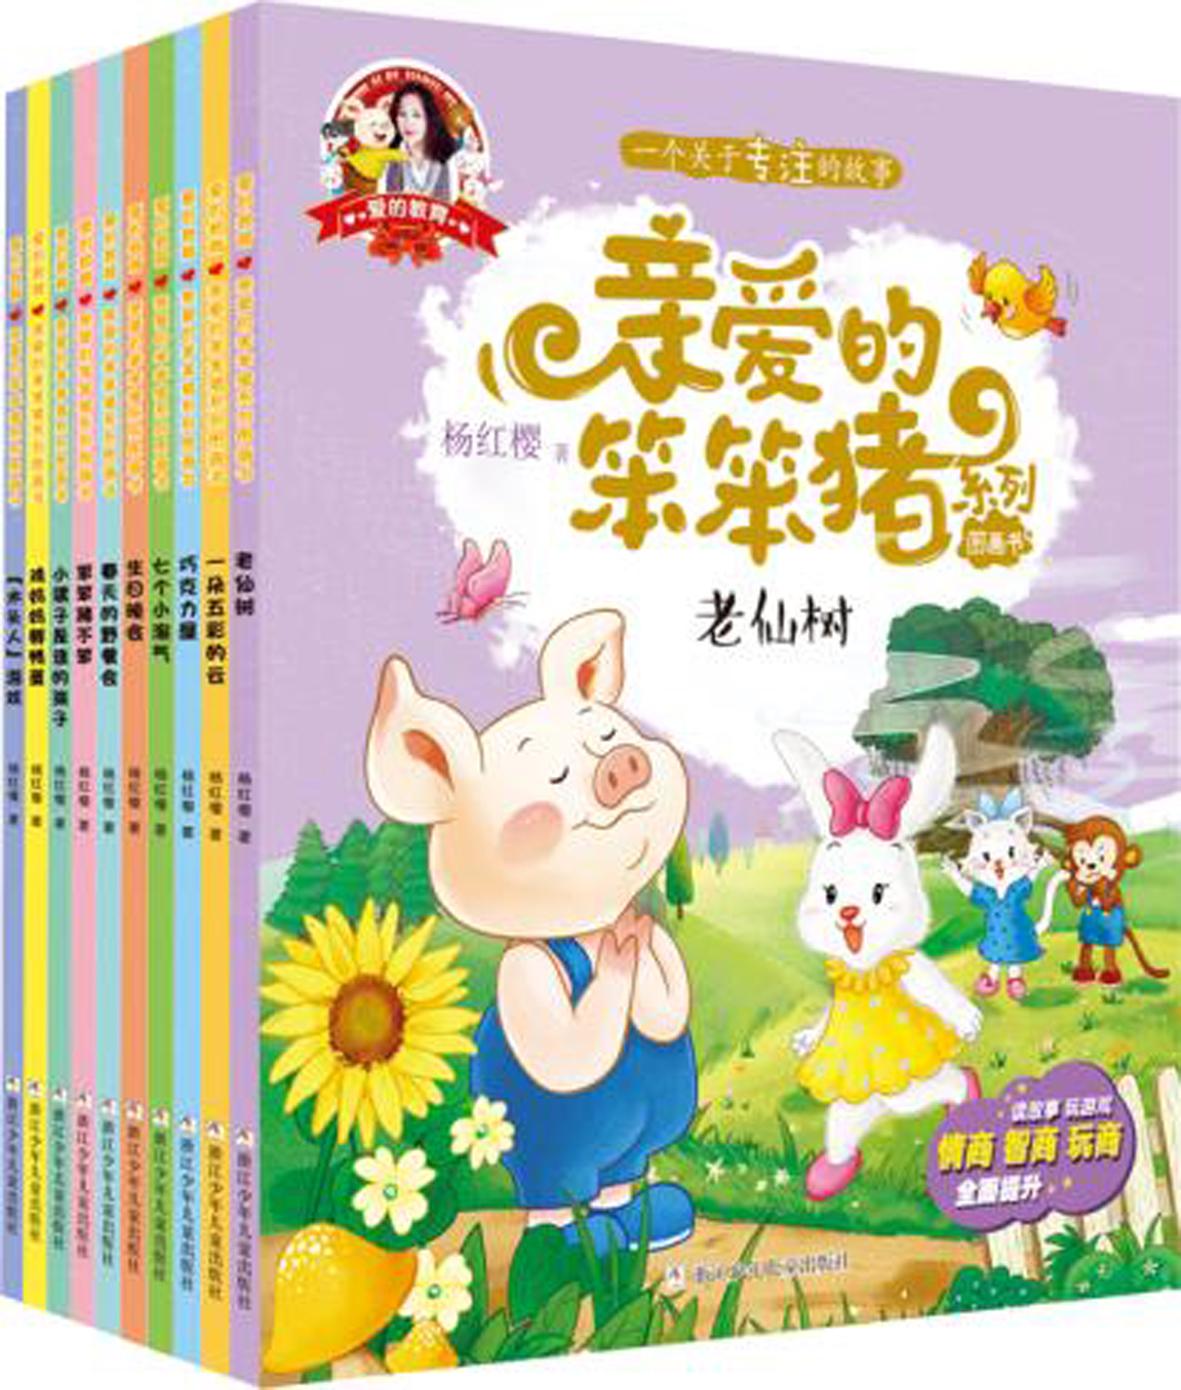 《小猫咪追月亮》编辑手记-出版人杂志官网